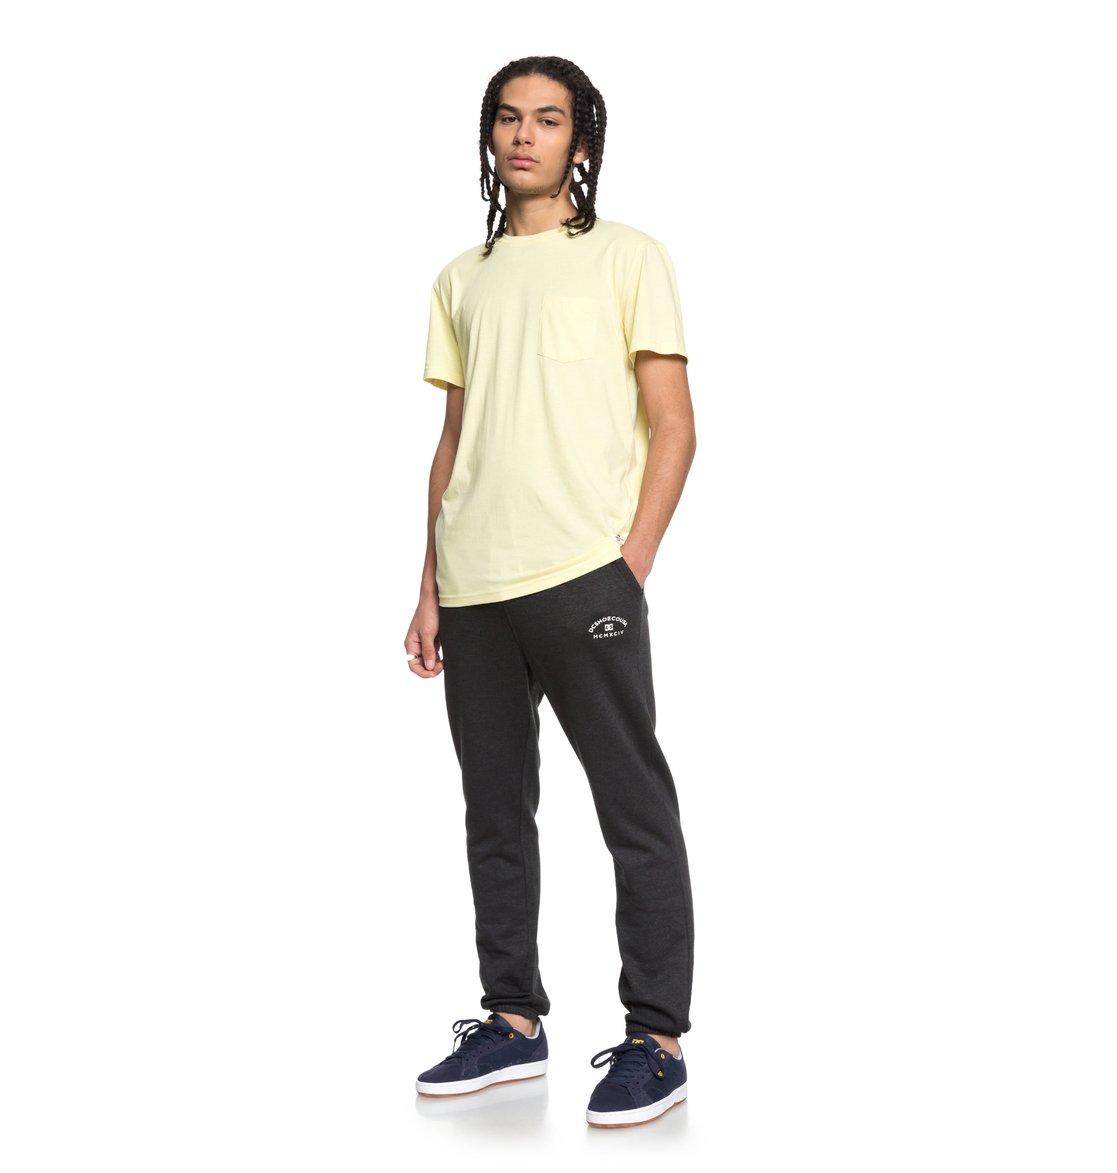 DC-Shoes-Rebel-Pantalon-de-Chandal-para-Hombre-EDYFB03048